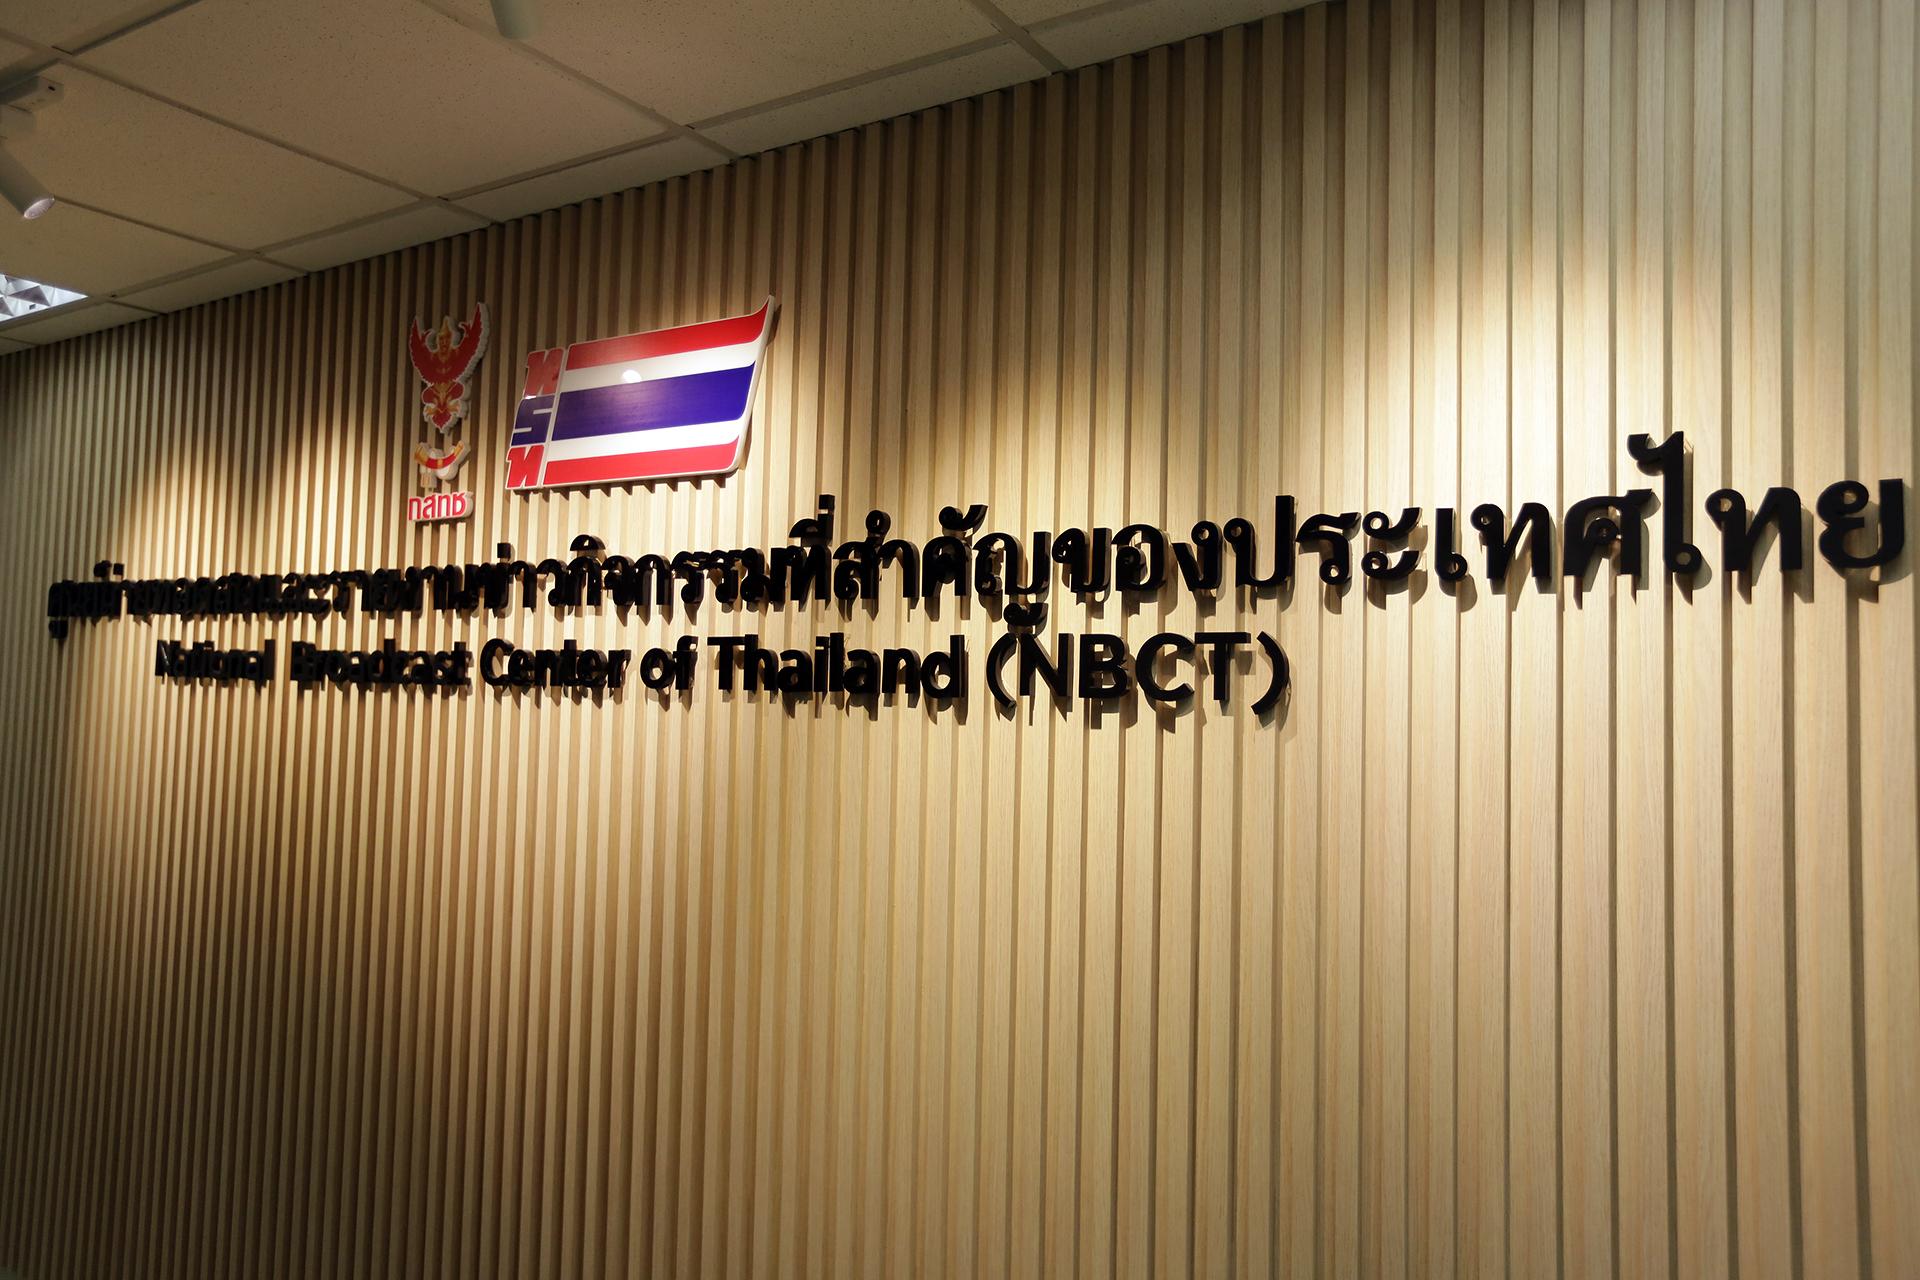 NBCT @NBTC